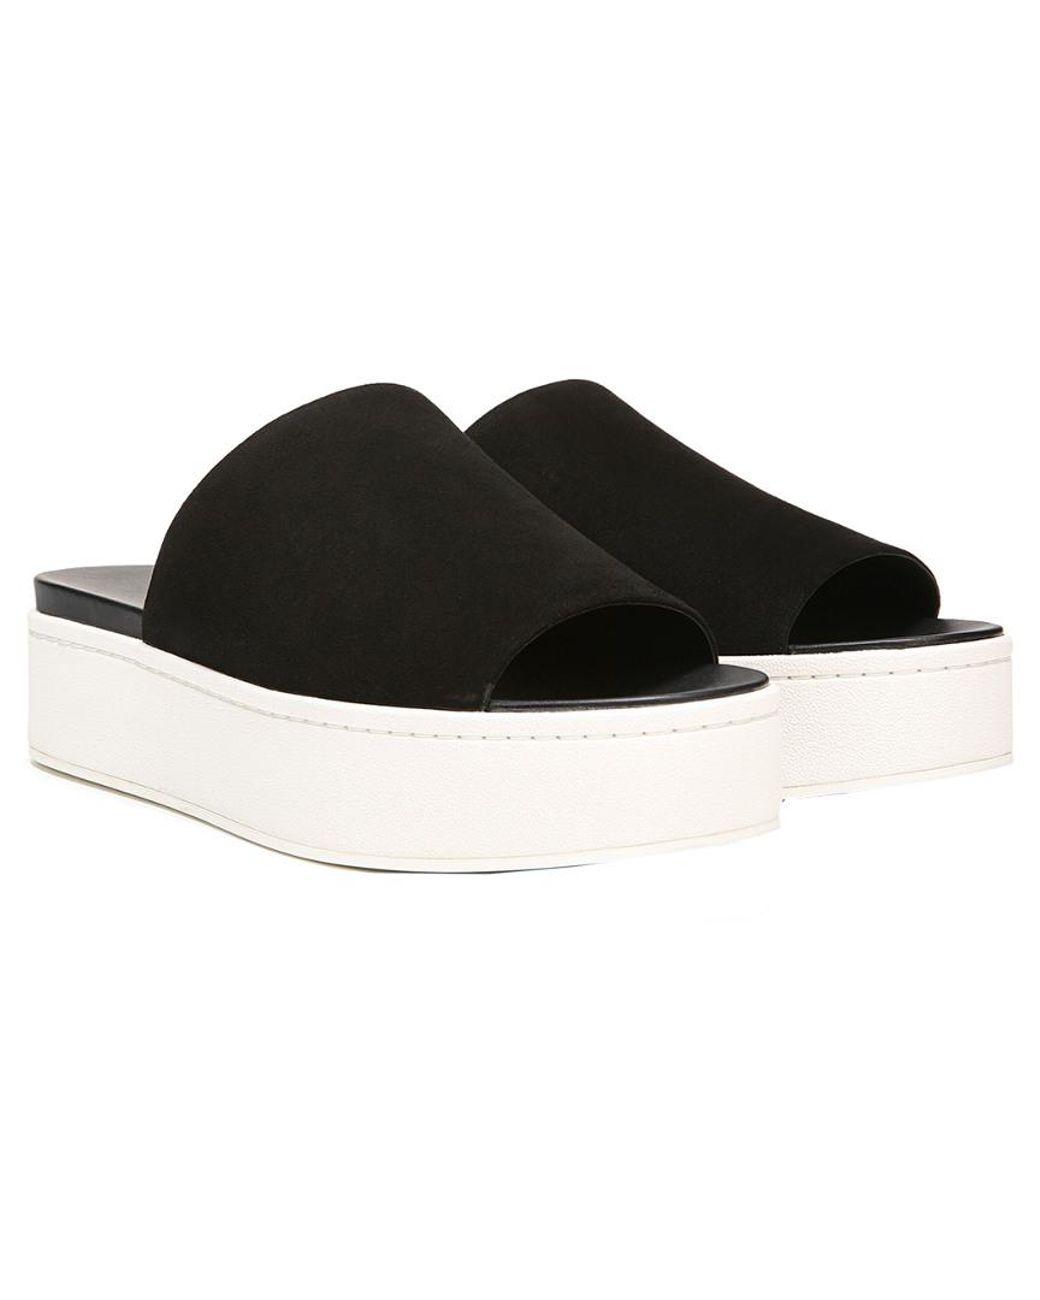 18fe010c6a4 Lyst - Vince Walford Suede Slide Sandal in Black - Save 47%